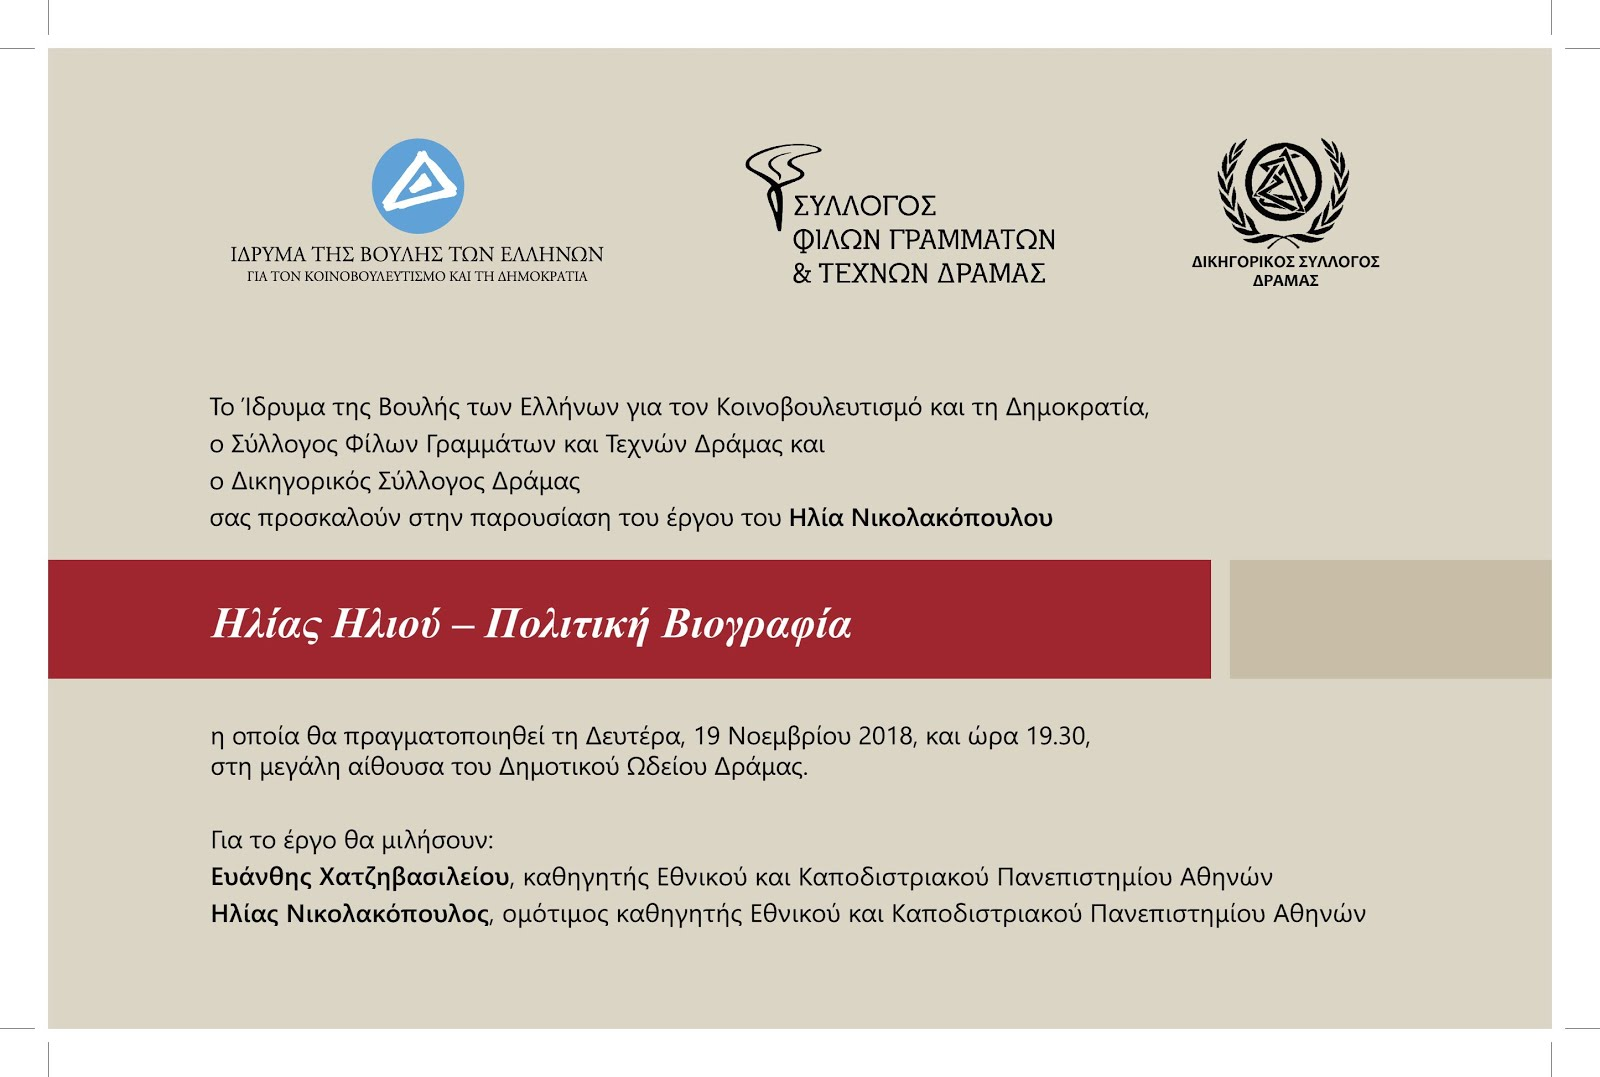 Εκδήλωση Δικηγορικού Συλλόγου Δράμας - Ιδρύματος Βουλής των Ελλήνων - ΣΦΓΤ Δράμας